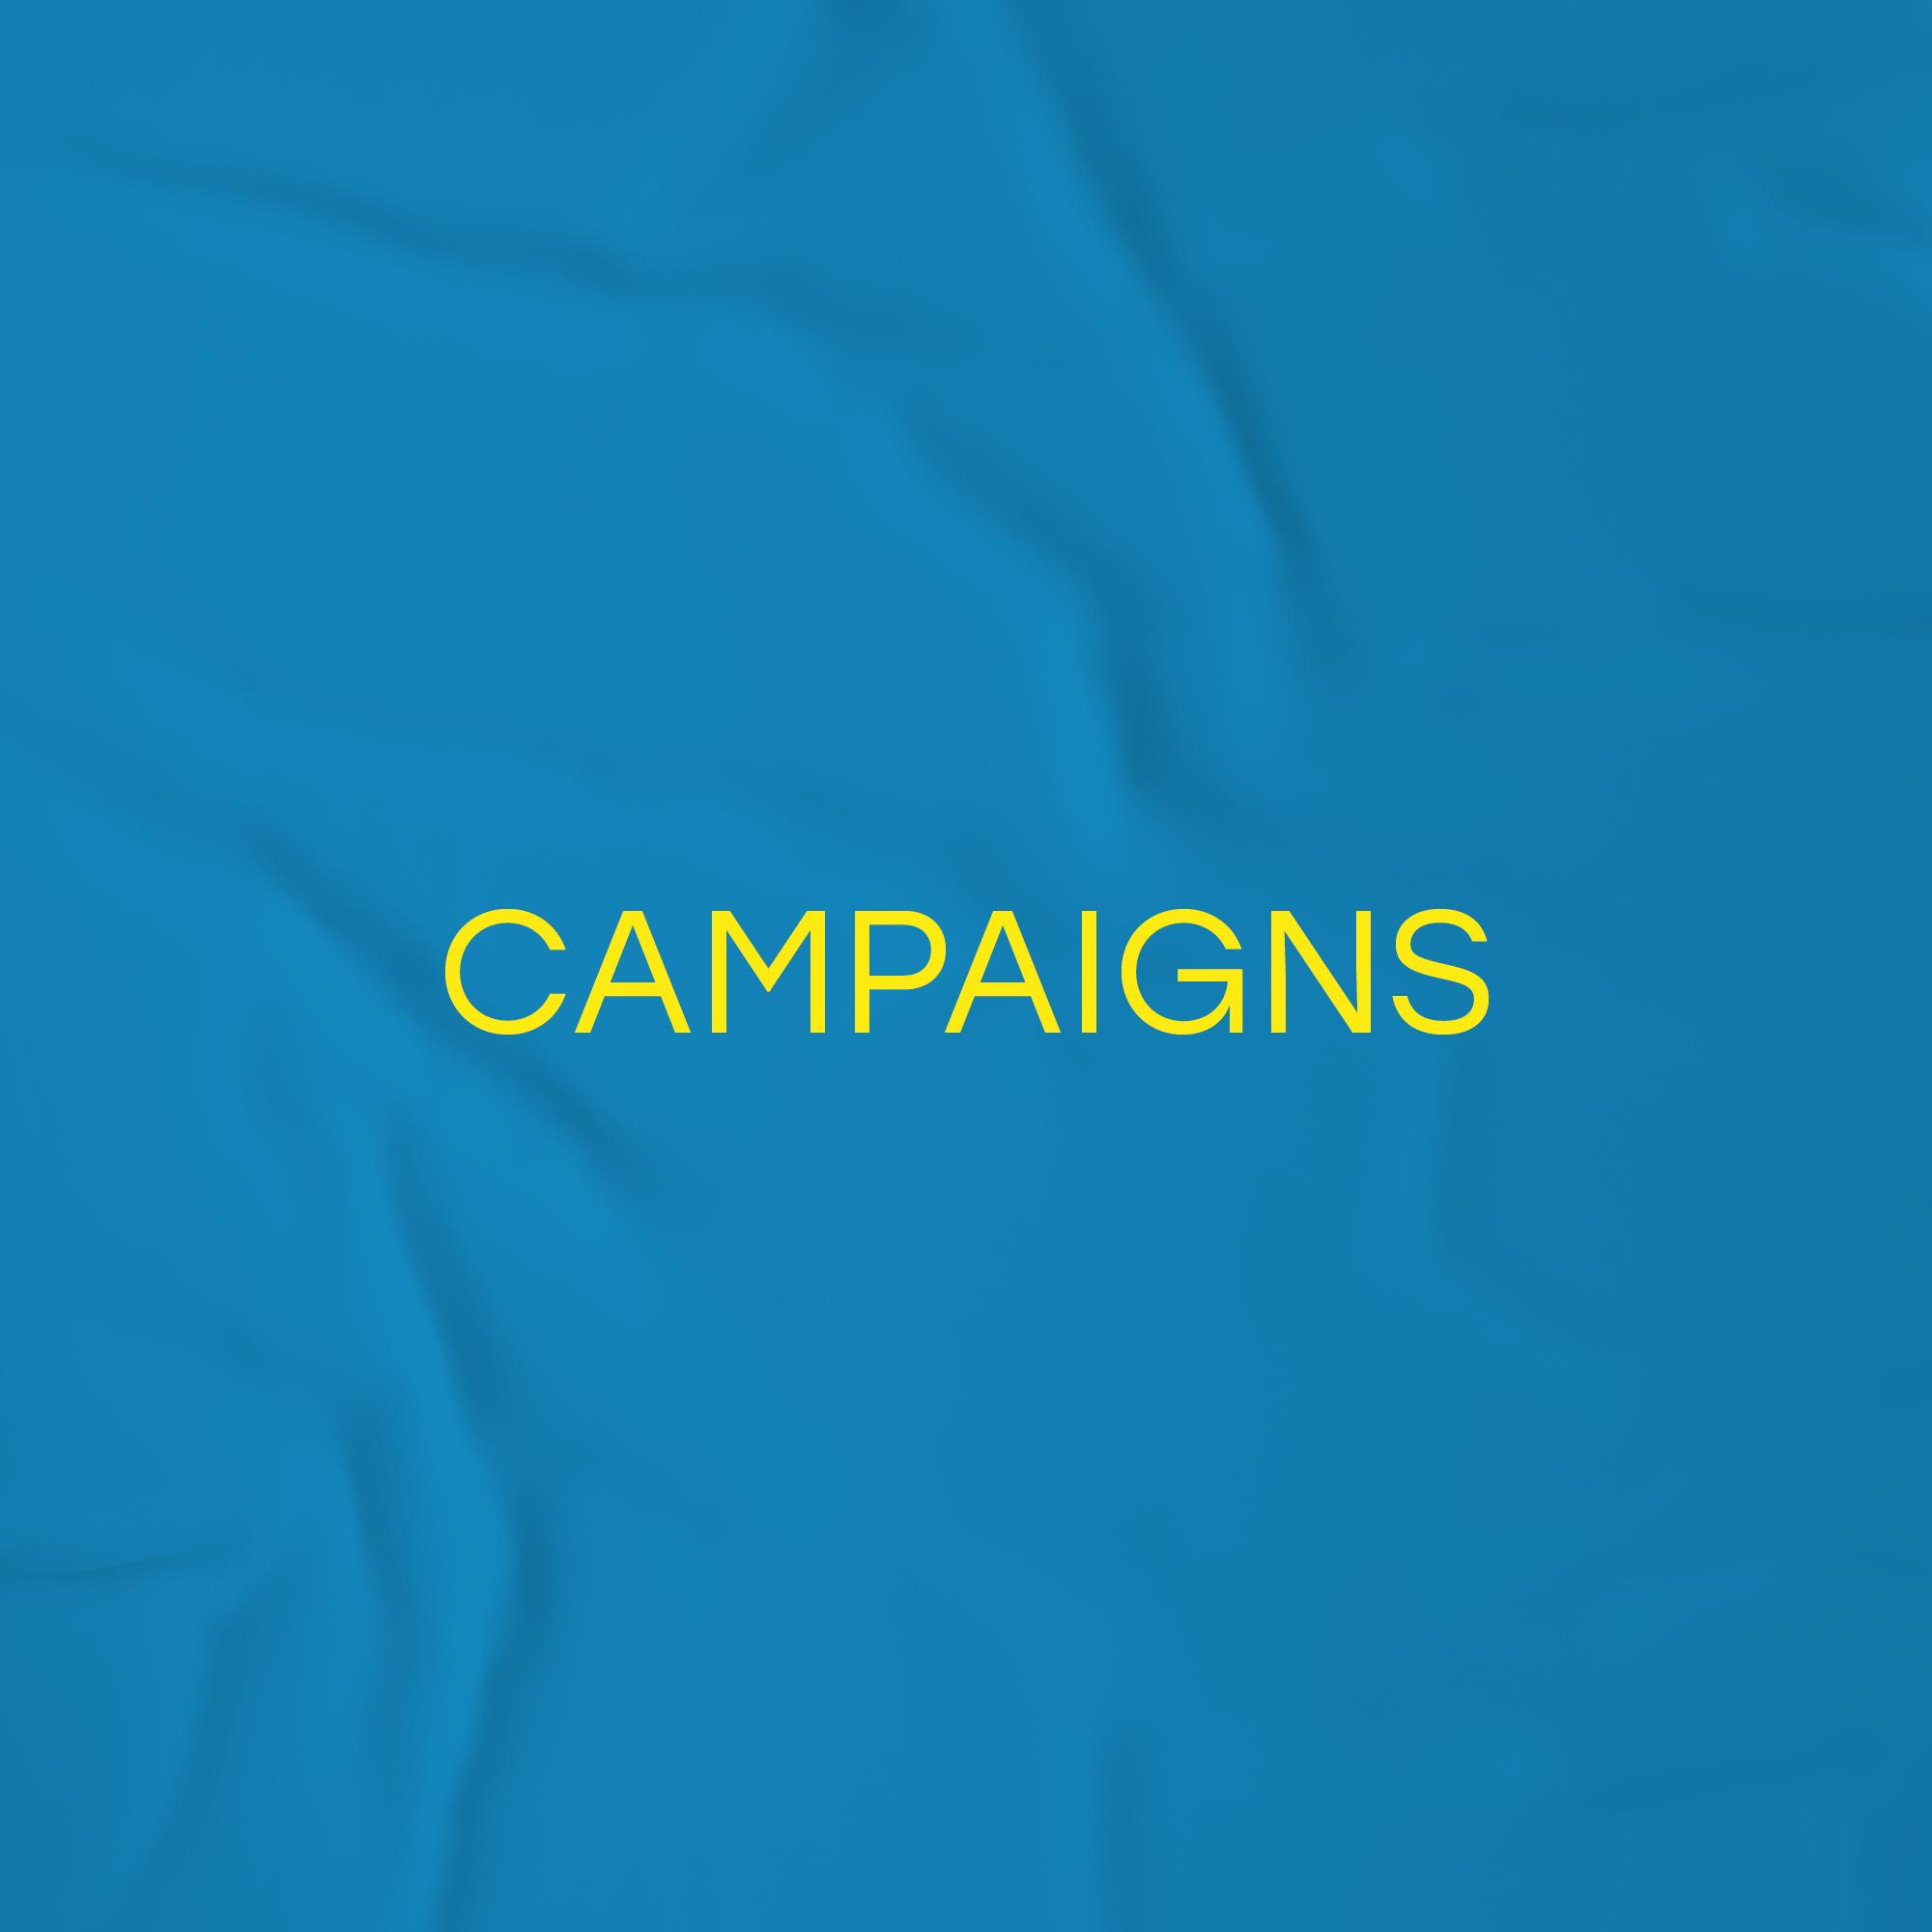 campaign service icon